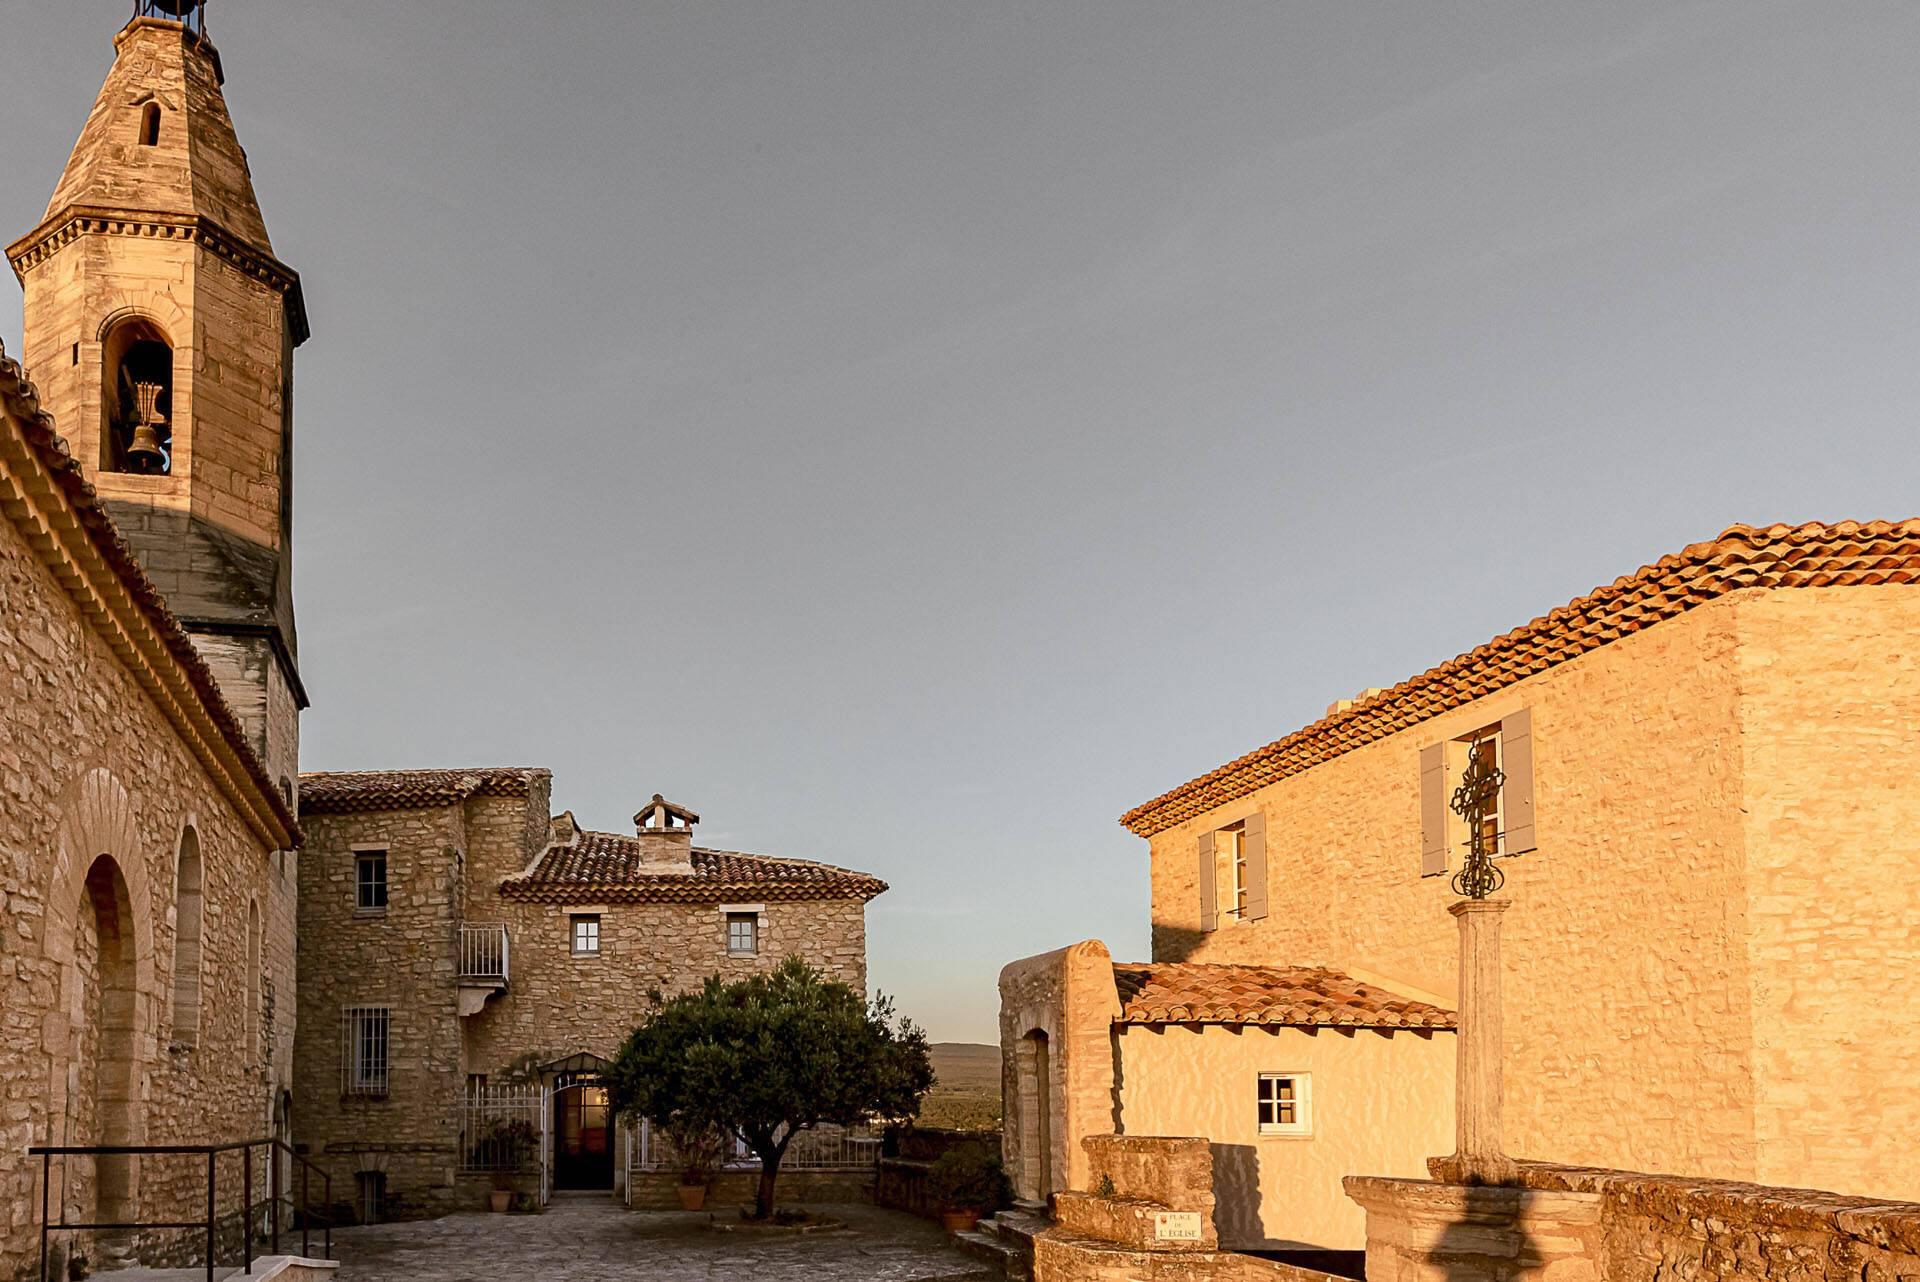 Hotel Crillon Le Brave Provence P Locqueneux Village